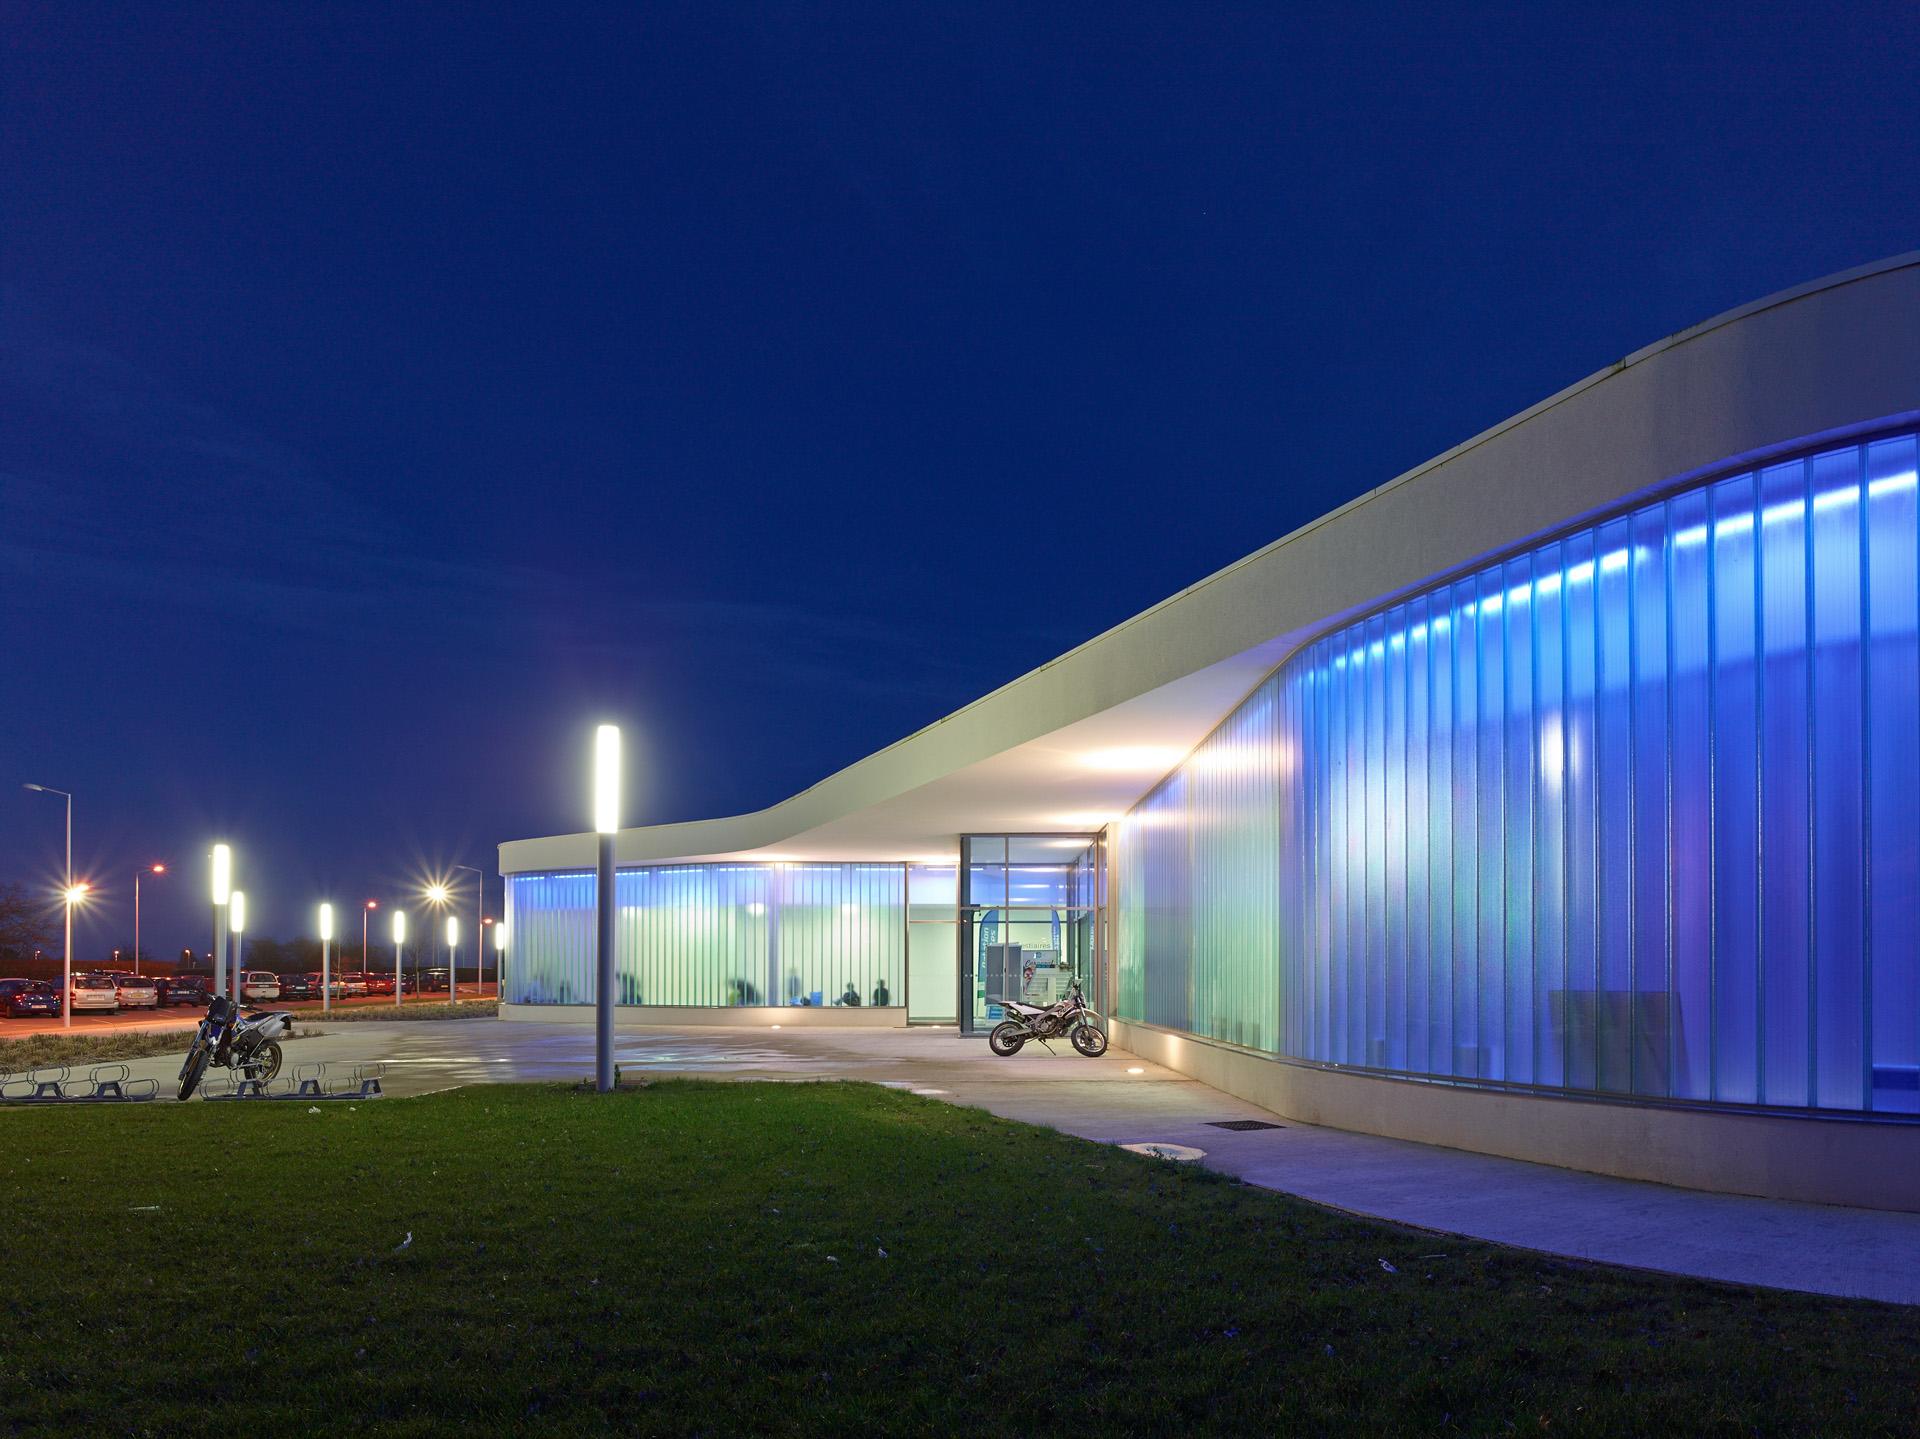 Piscine l'Aquaretz à Sainte-Pazanne BVL Architectes (R) S.Chalmeau - Cap Urbain, agence de programmation urbaine et architecturale à Nantes